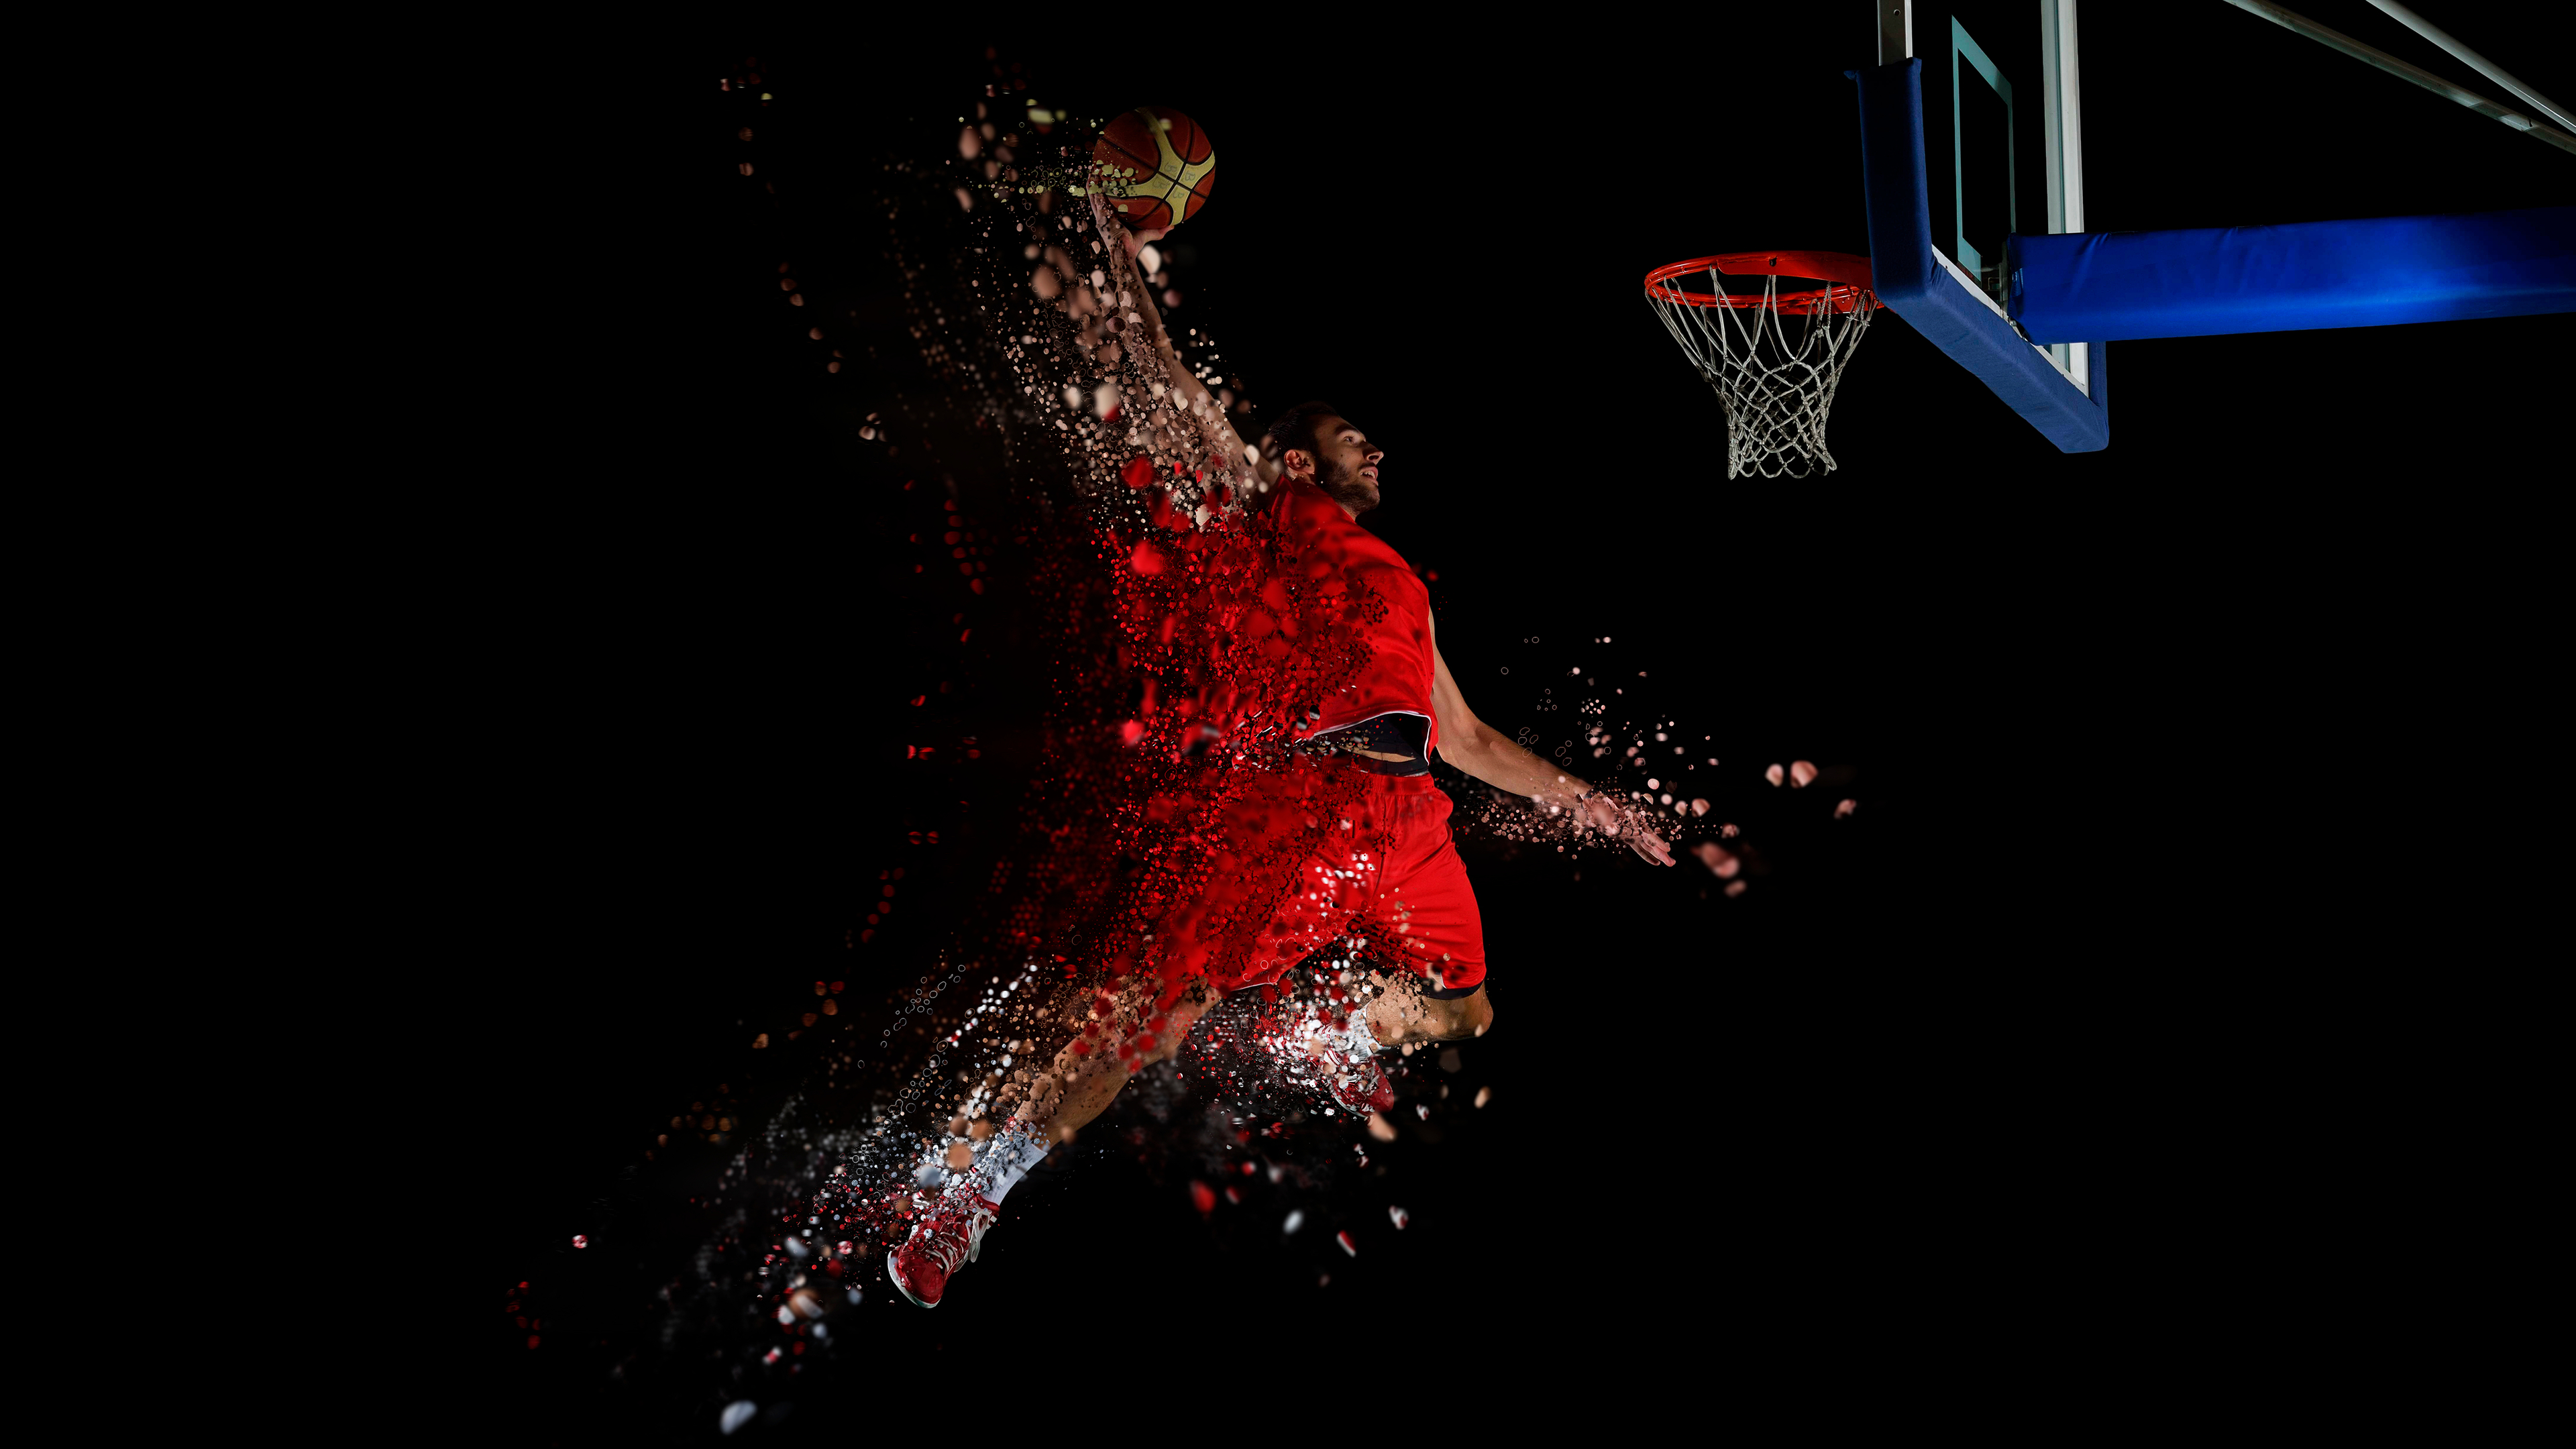 Wallpaper 4k Basketball Artistic 4k wallpapers artist wallpapers 3840x2160